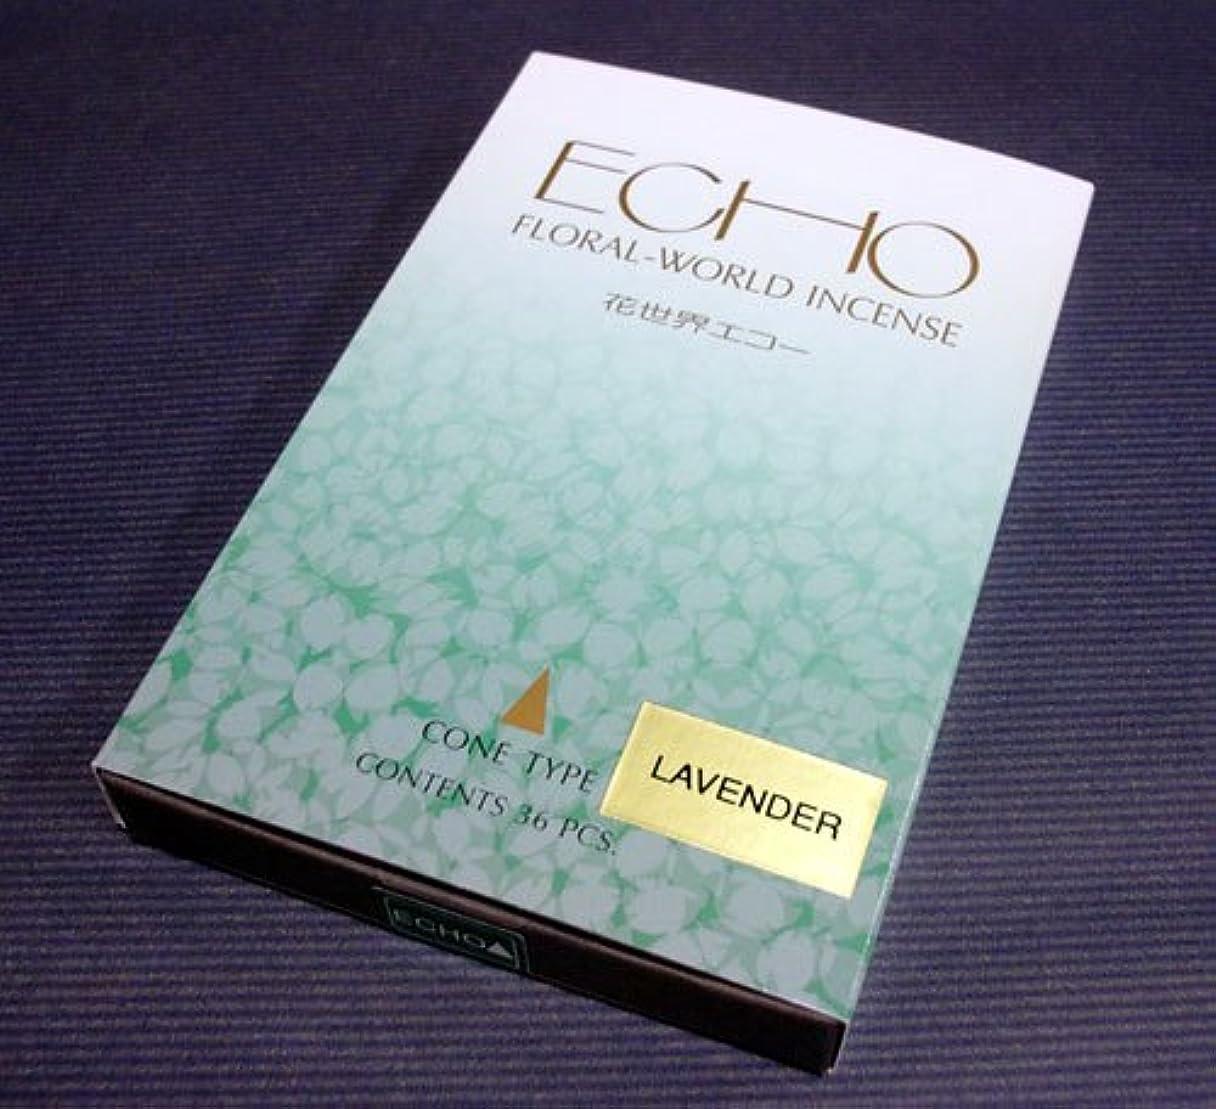 必需品論理的振り返る香水香 コーンタイプ 花世界エコー ラベンダー 松栄堂 【お香】